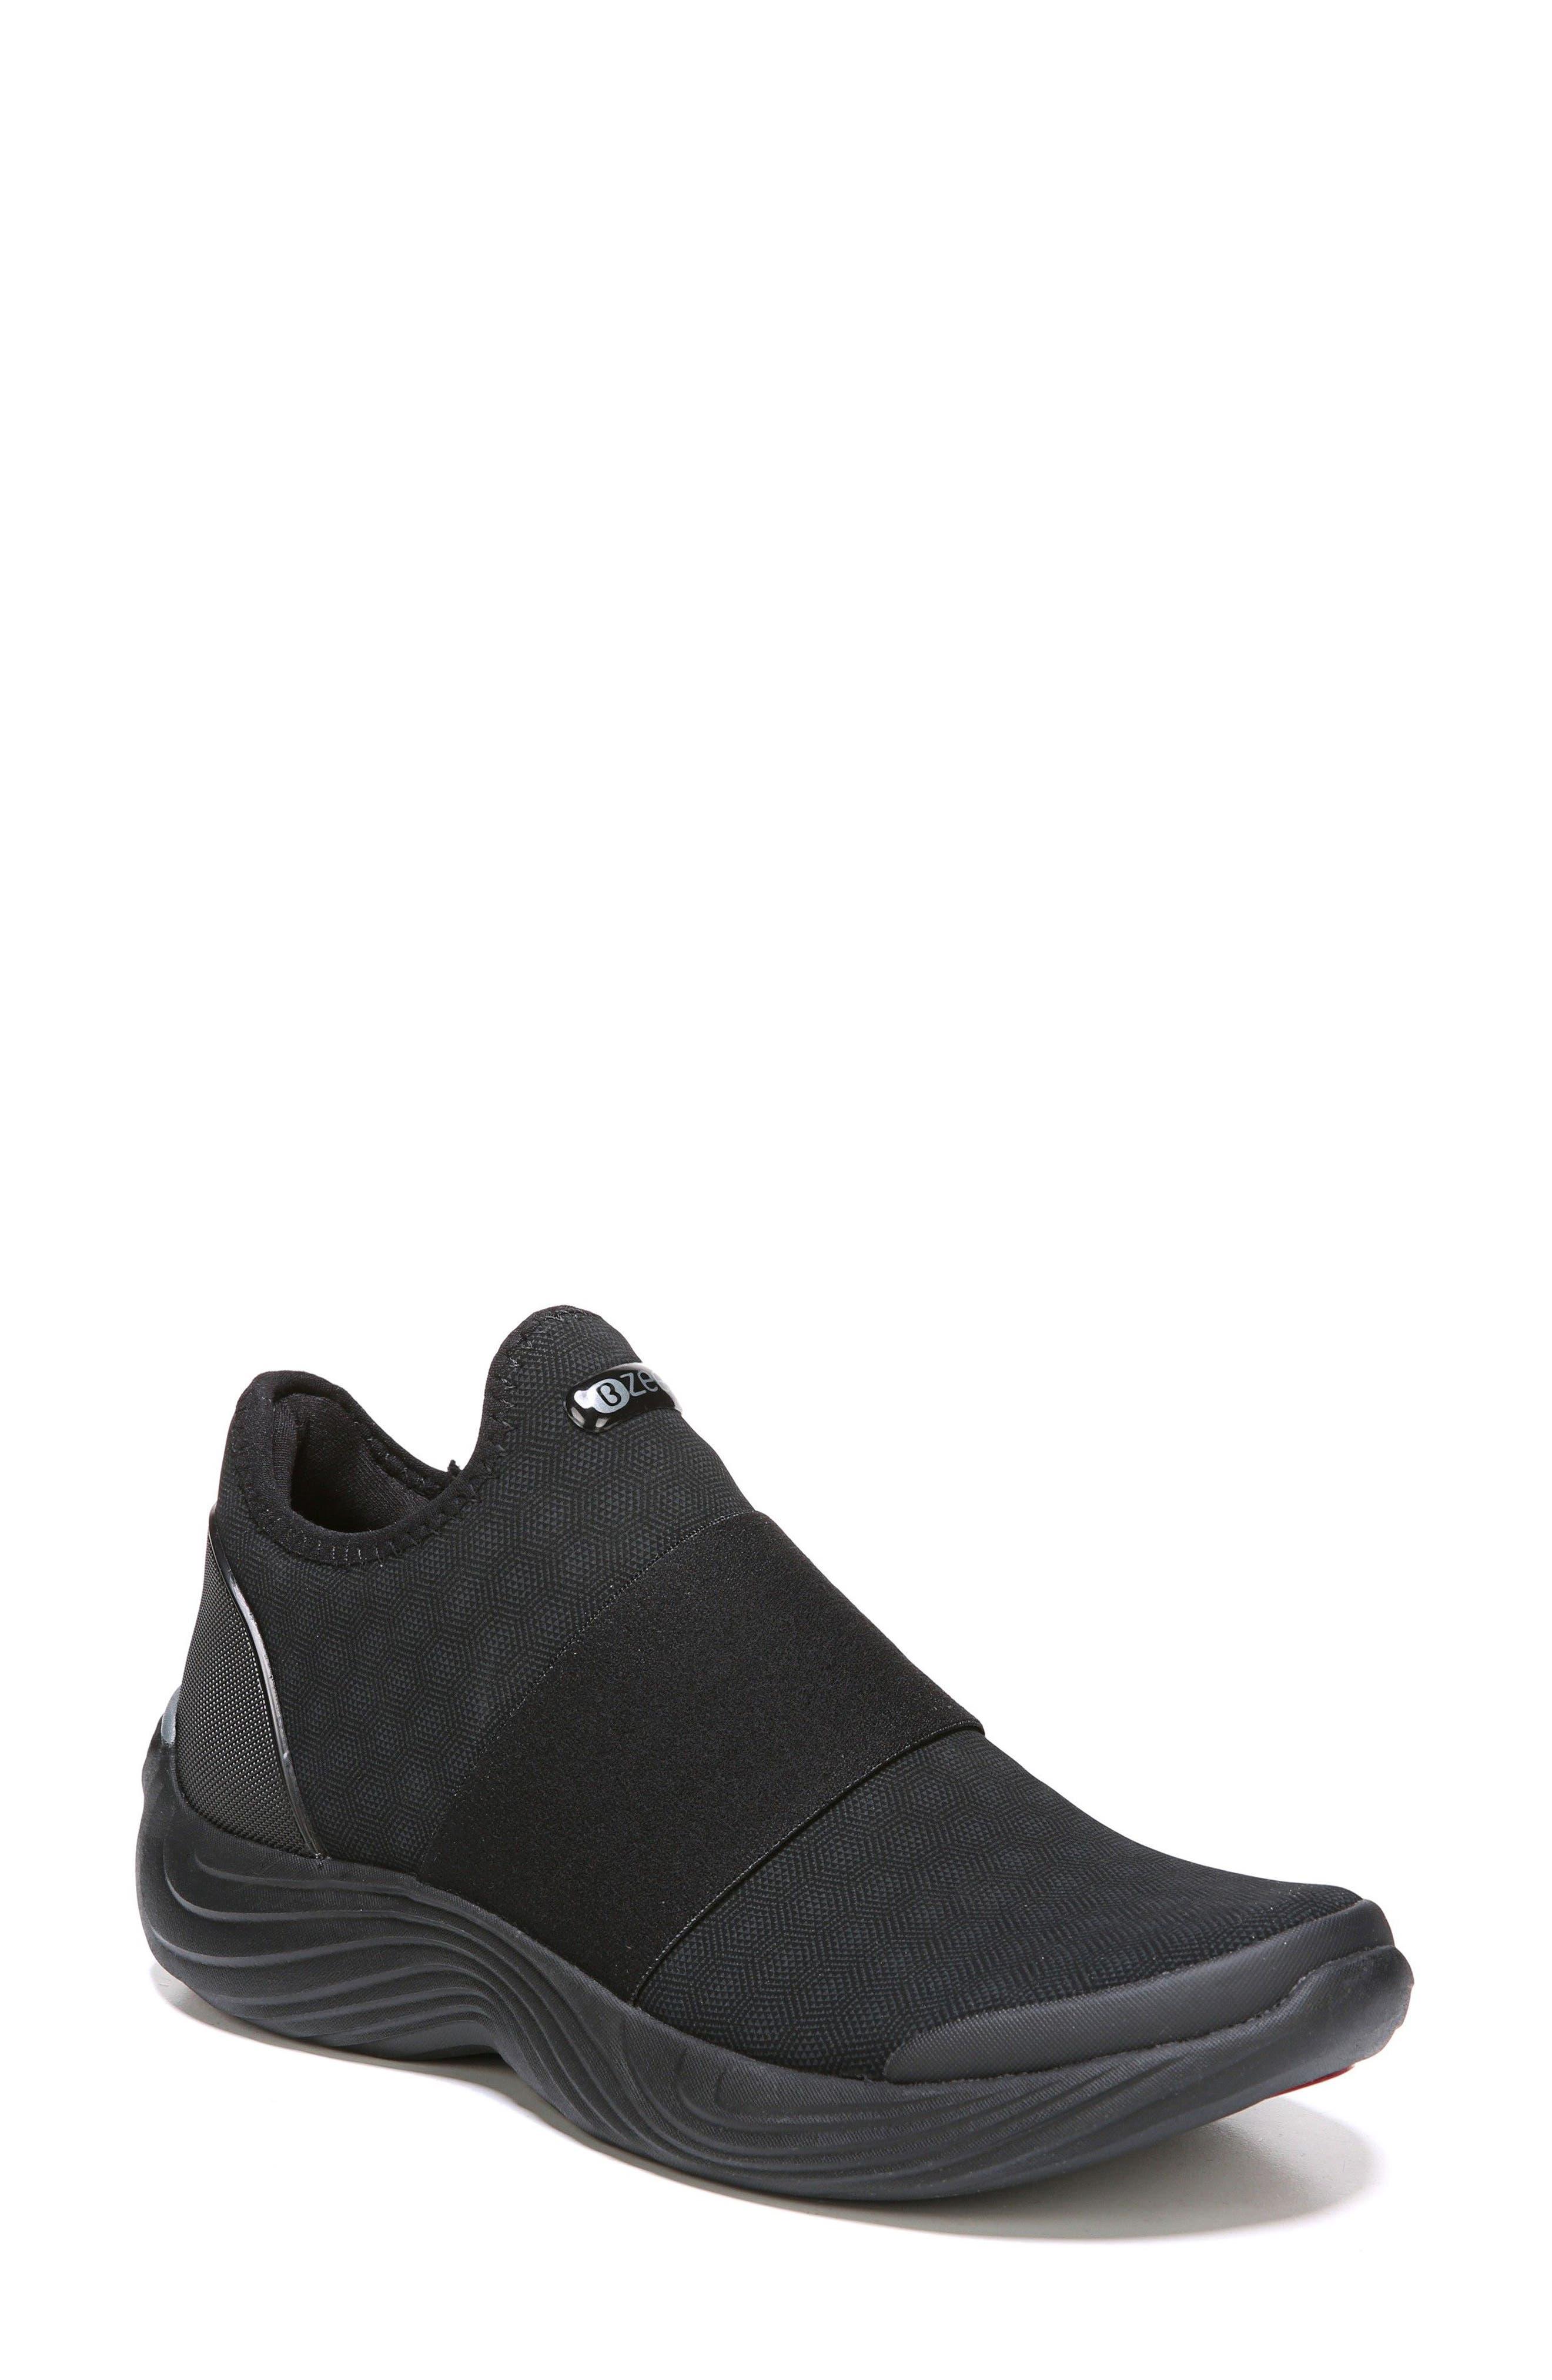 Main Image - BZees Terri Slip-On Sneaker (Women)